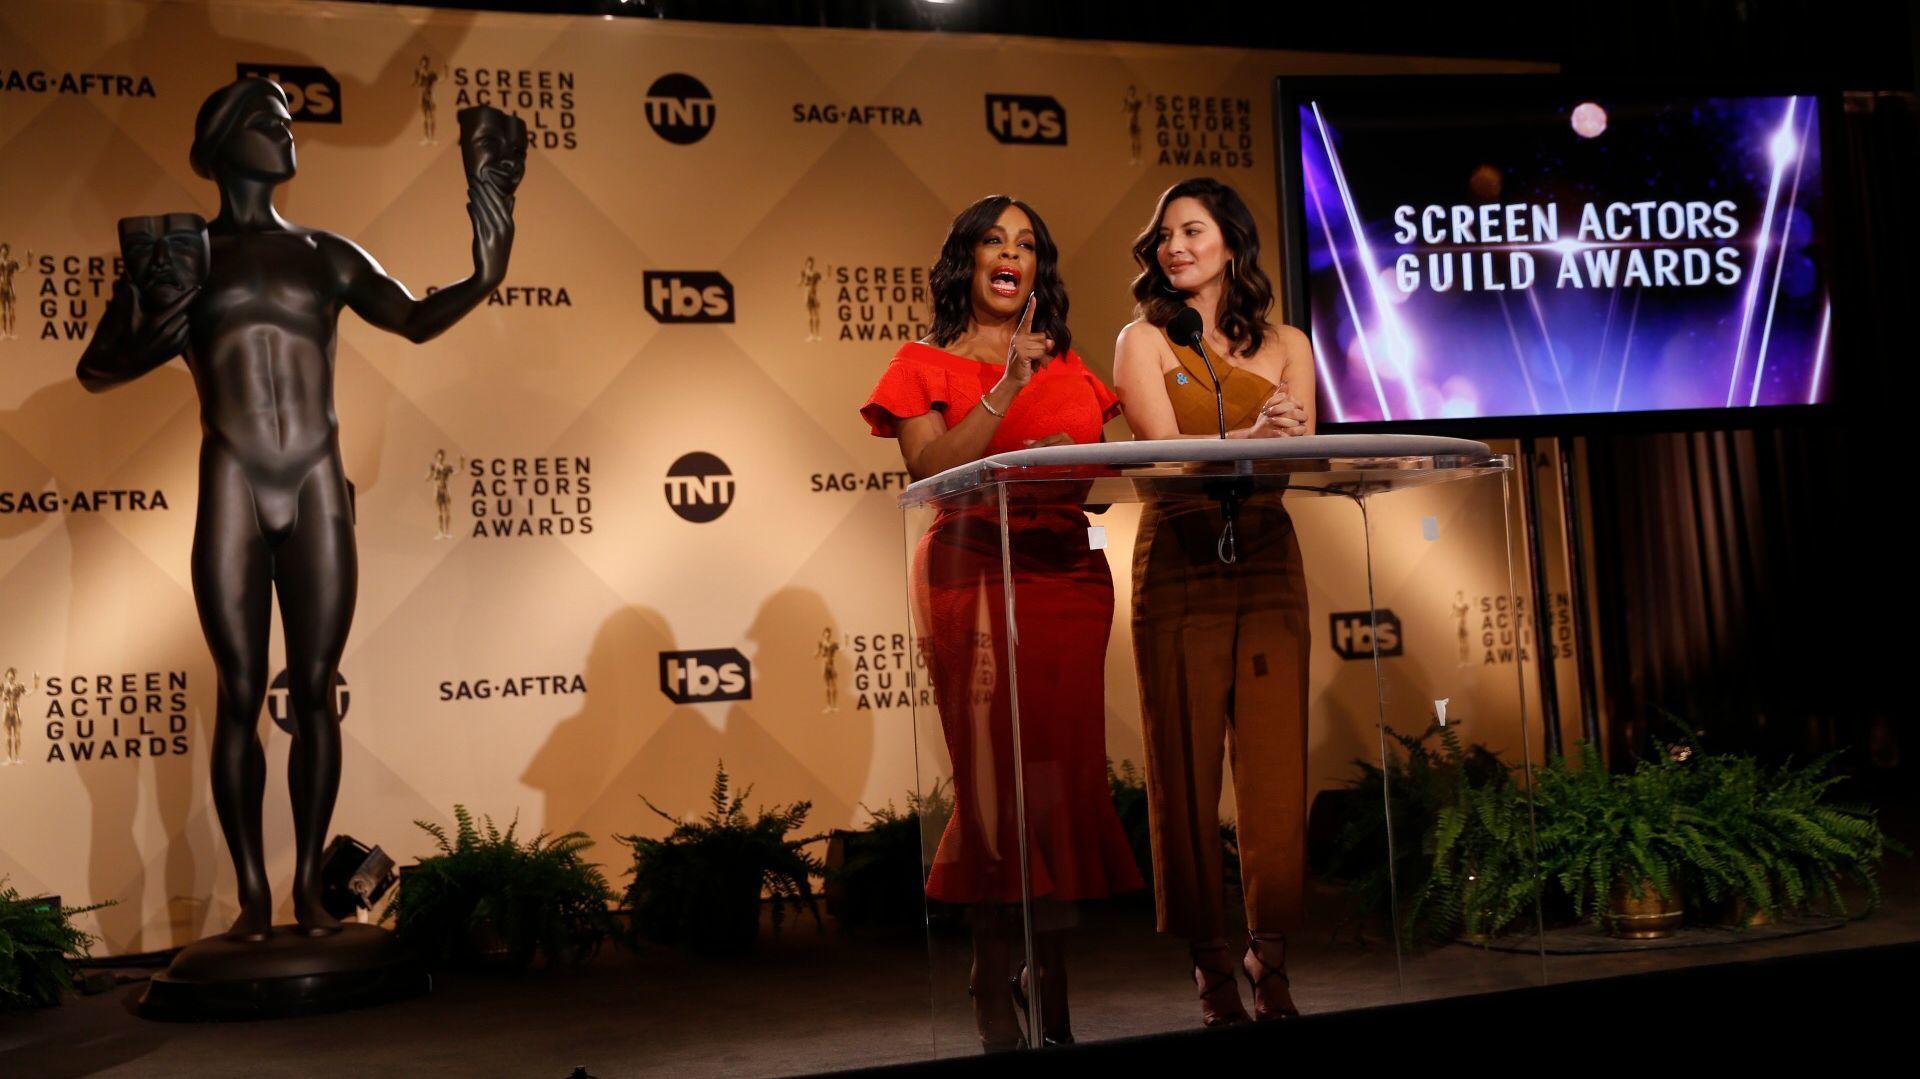 Resultado de imagem para sag awards 2018 nominees